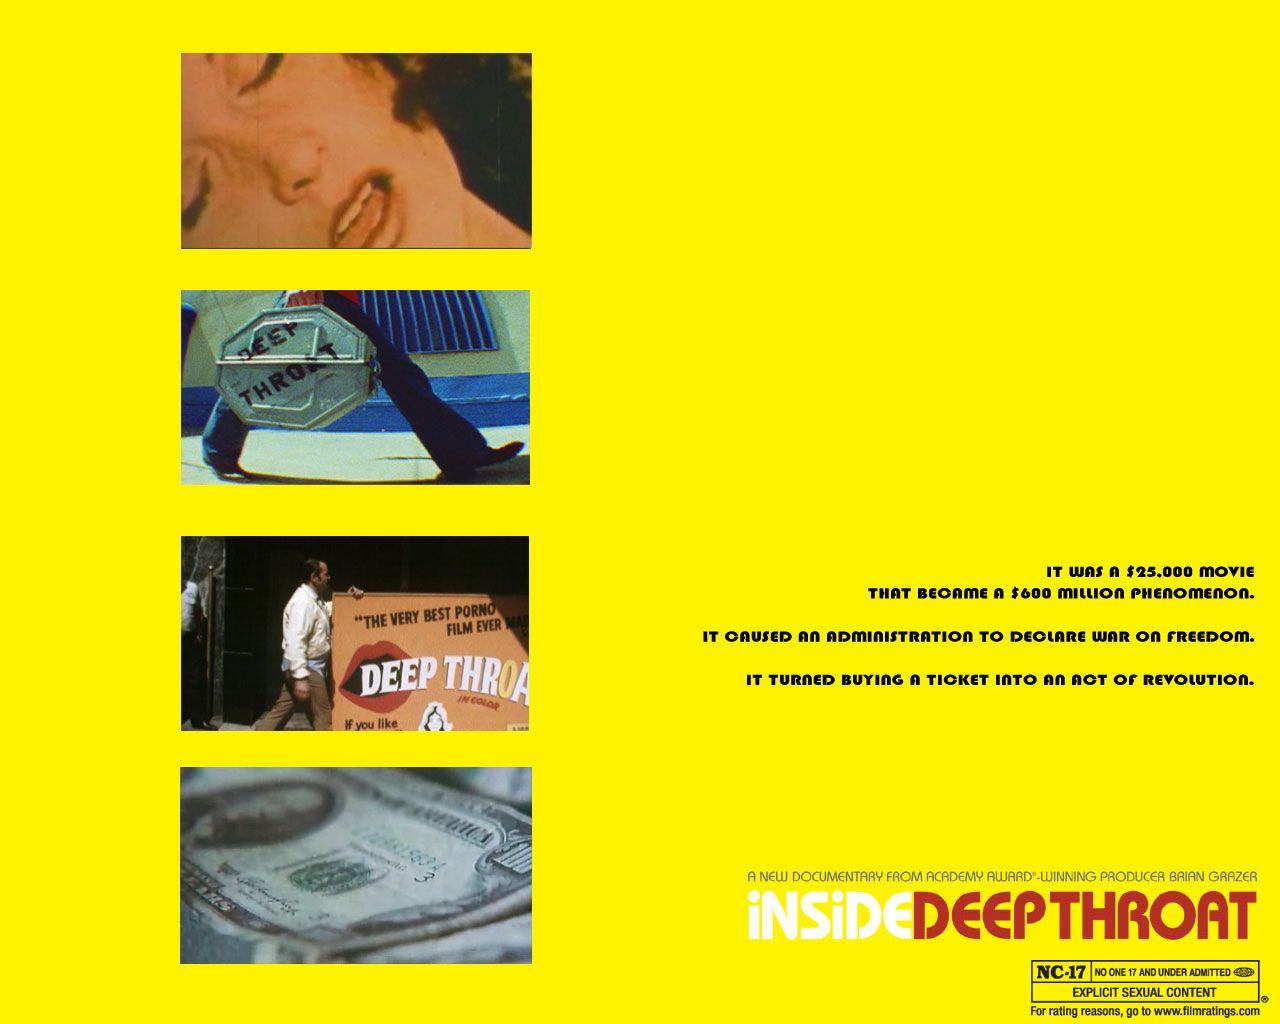 Watch inside deepthroat documentary